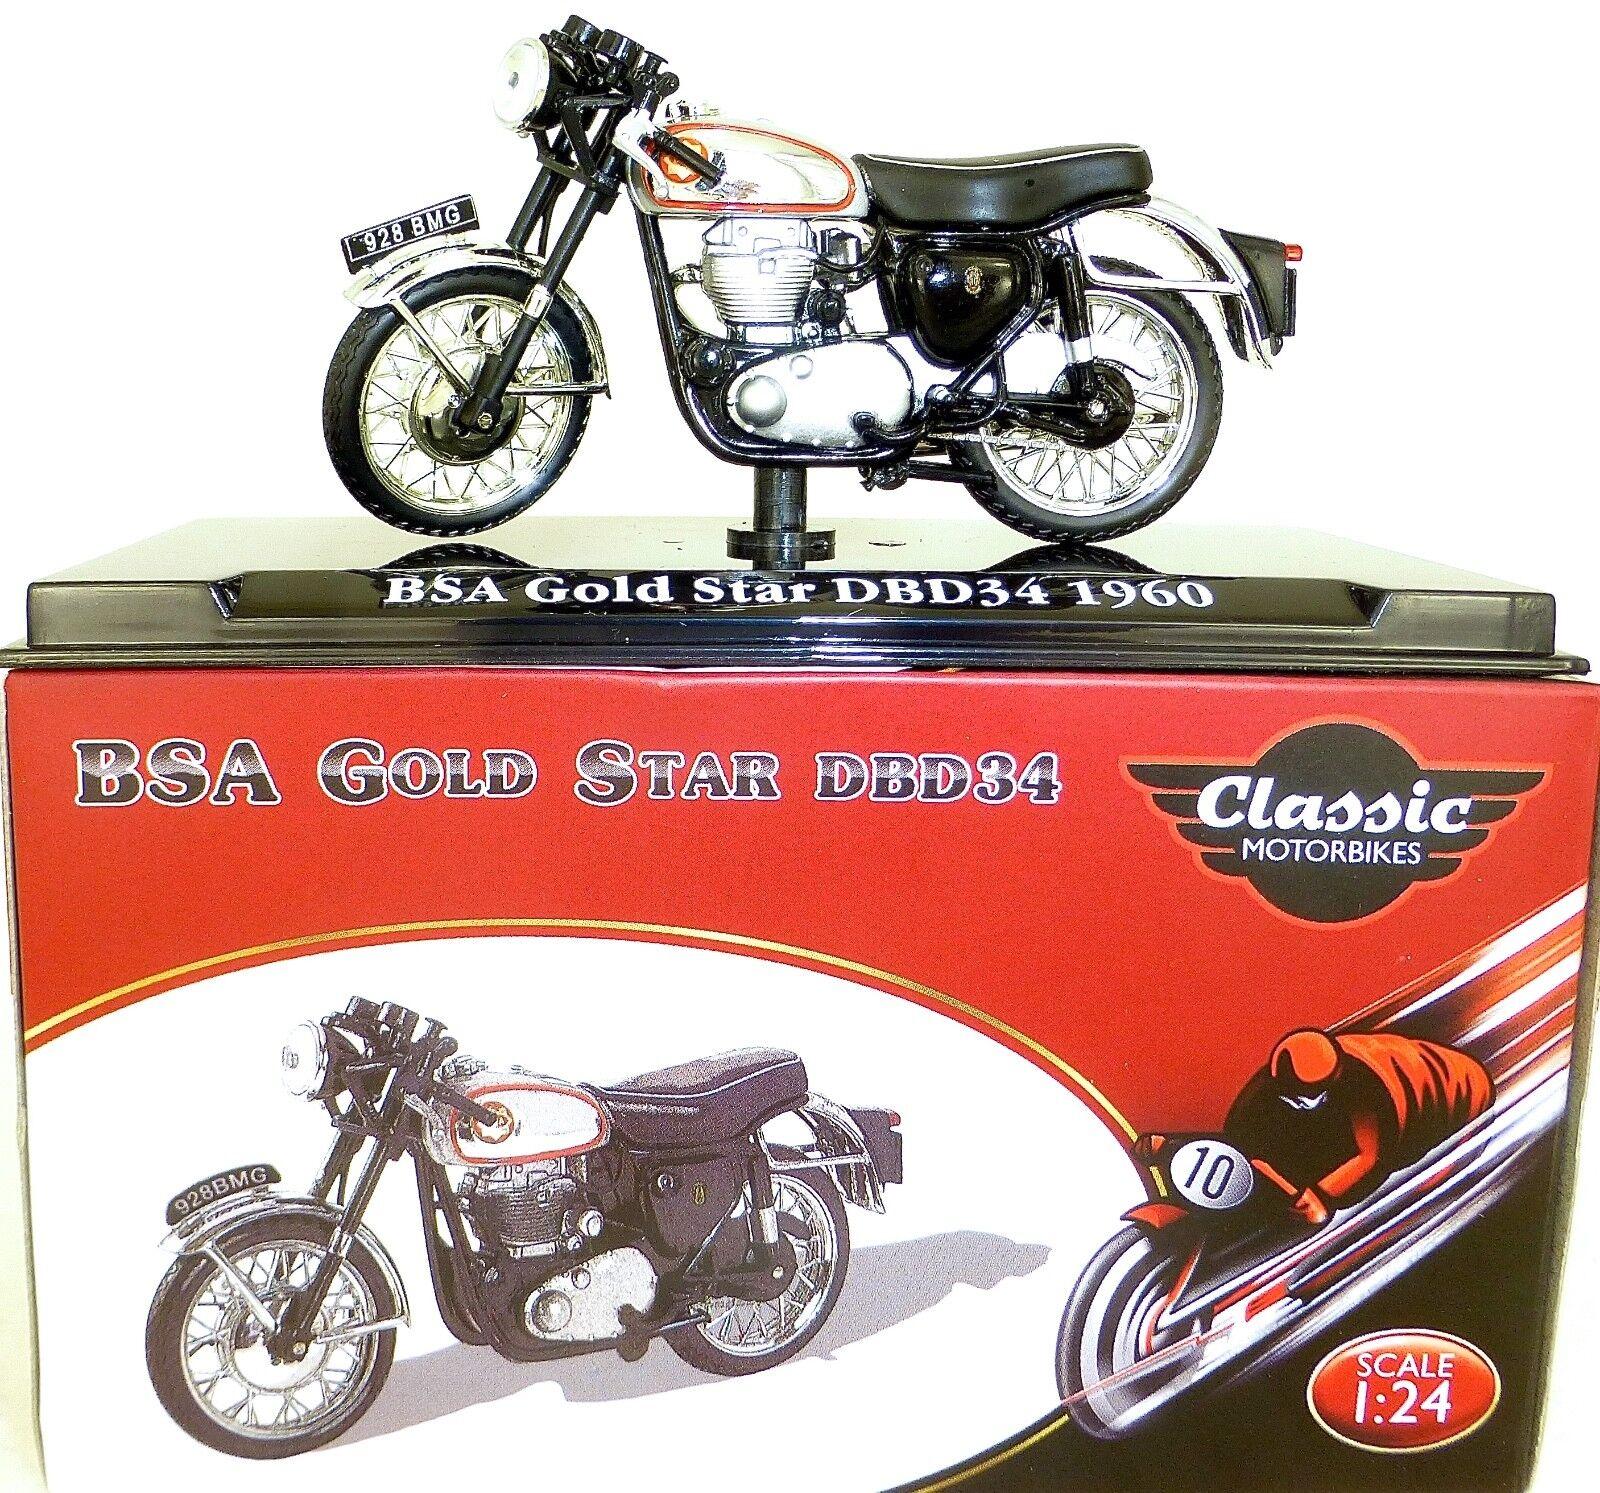 primera vez respuesta BSA oro Estrella Estrella Estrella DBD34 1960 Moto Classic atlas 4658104 Nuevo 1 24 Emb.orig HC4 Μ  precios ultra bajos